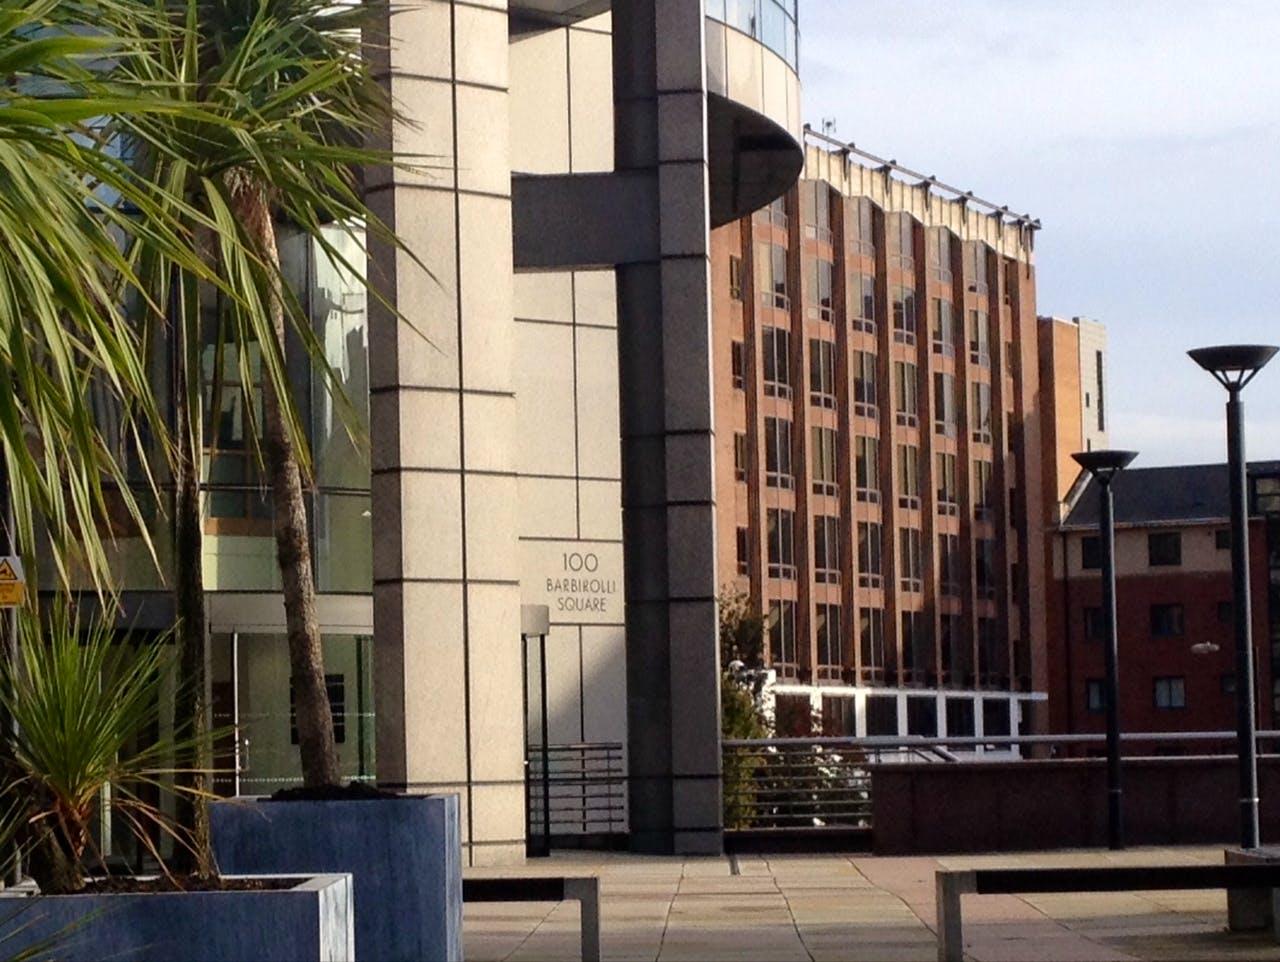 Barbirolli Square Manchester